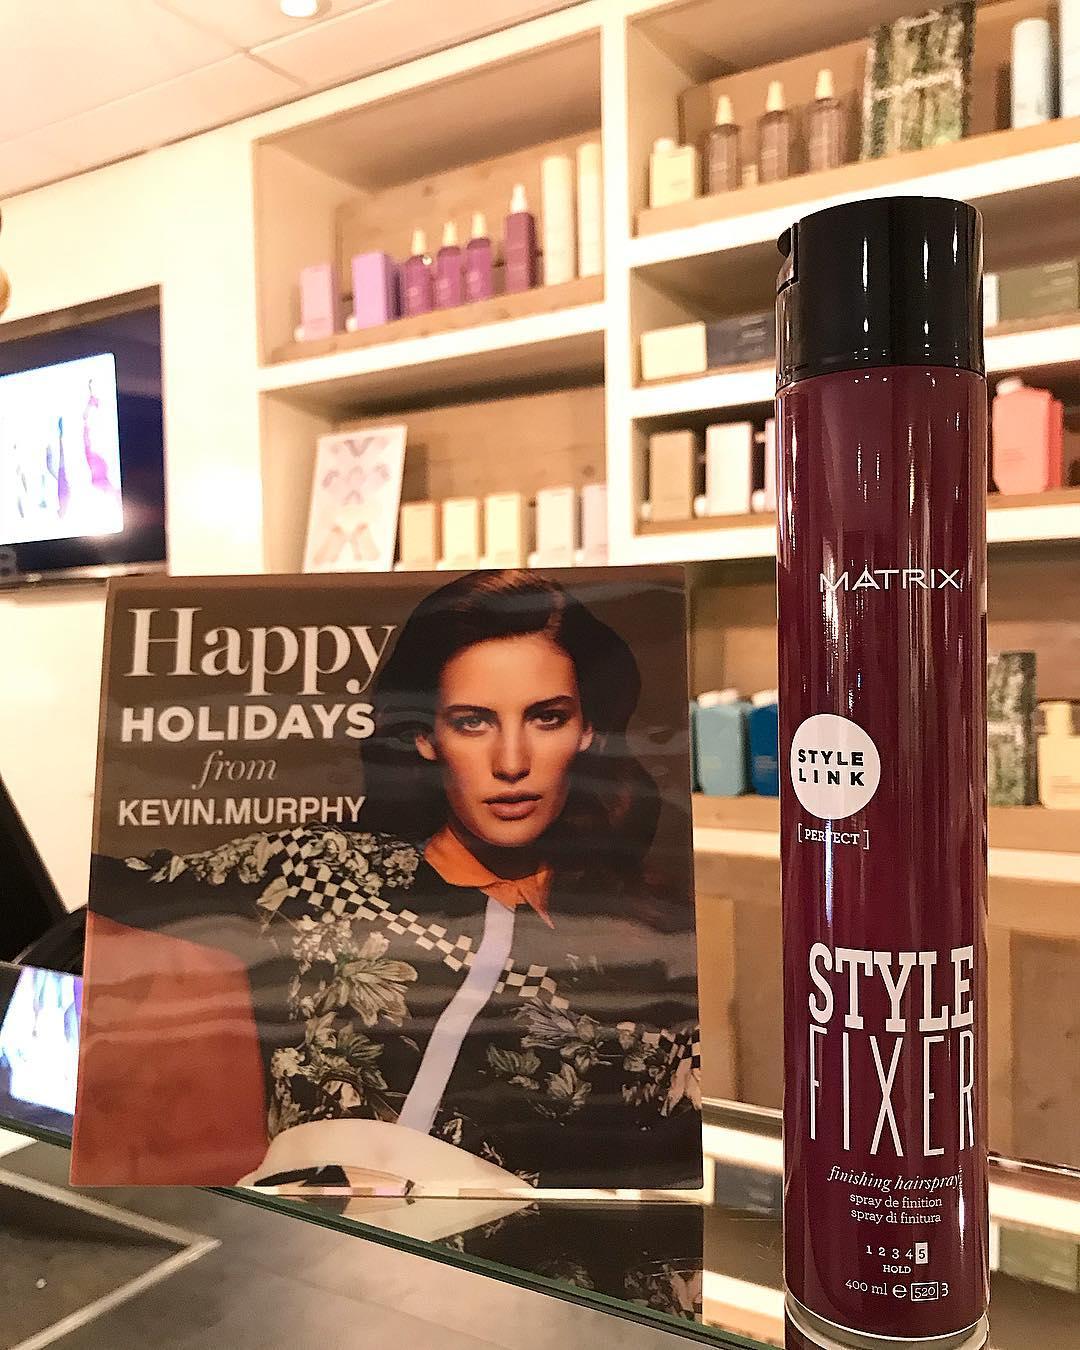 NU‼️ Bij aankoop van 2 Kevin Murphy producten een style fixer GRATIS  OP=OP ‼️ #kapper #kappersproducten #gratis #tilburg #013 #kevinmurphy #matrix #producten